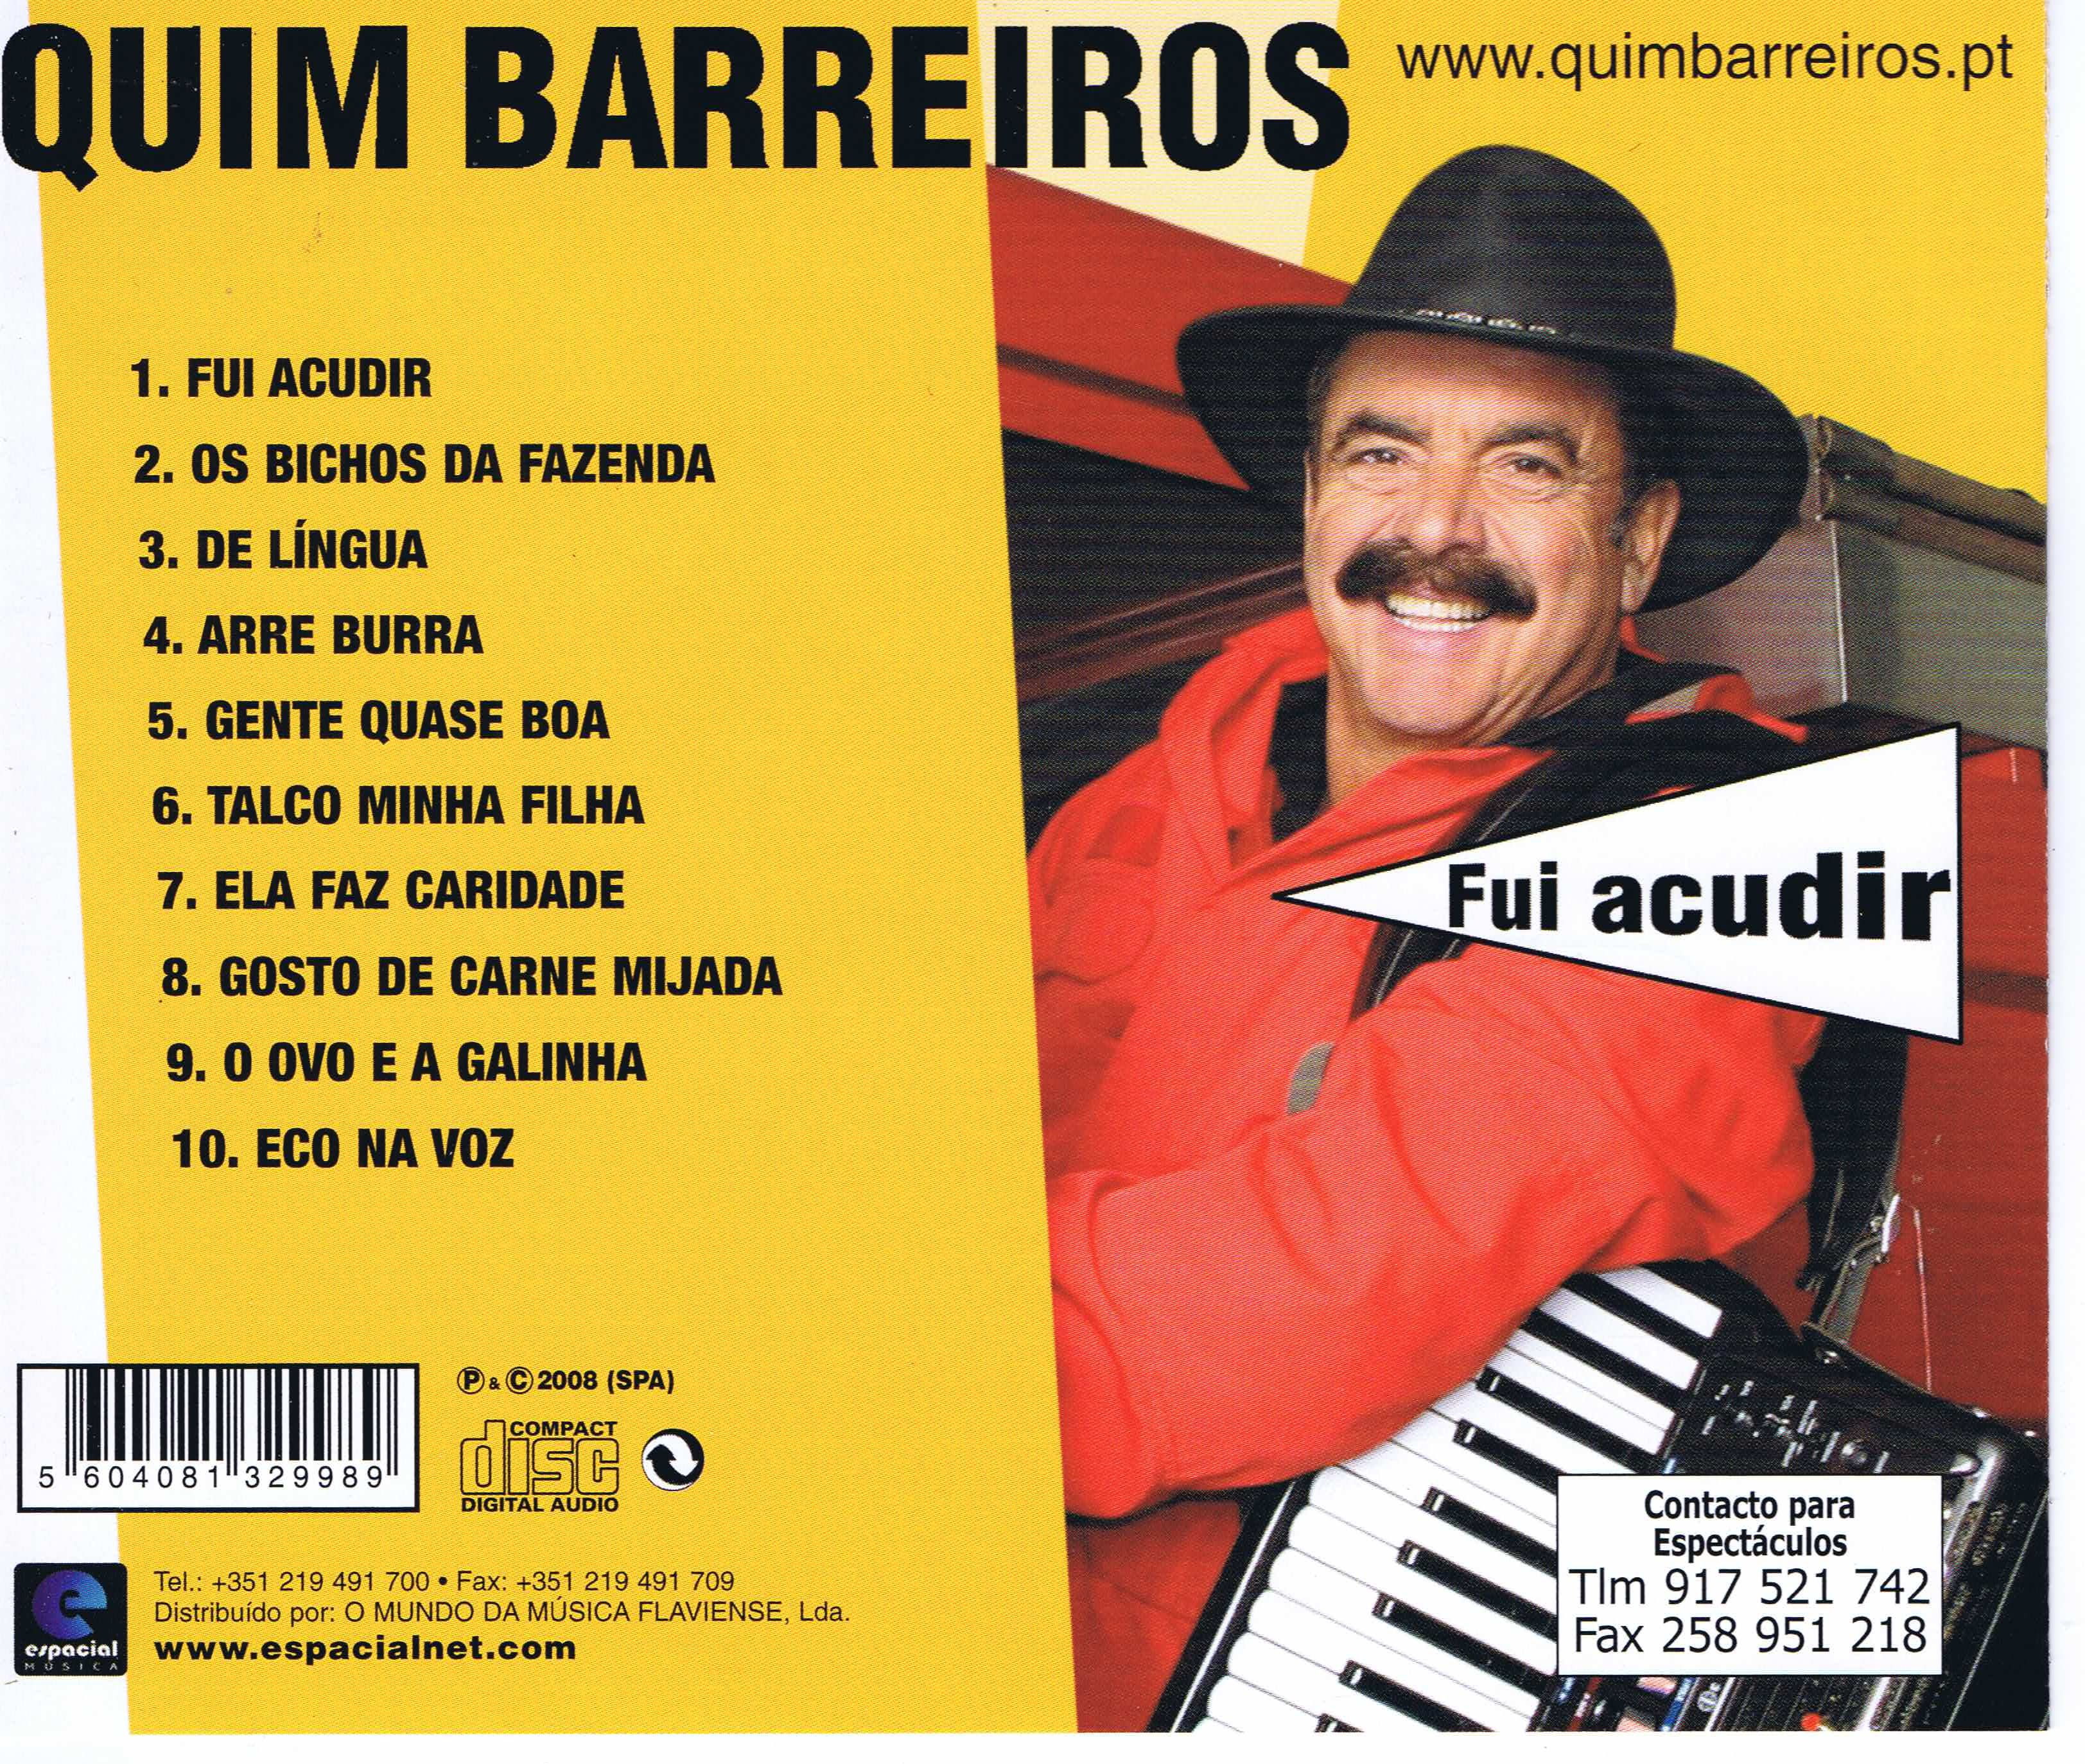 QUIM 2013 BAIXAR BARREIROS CD